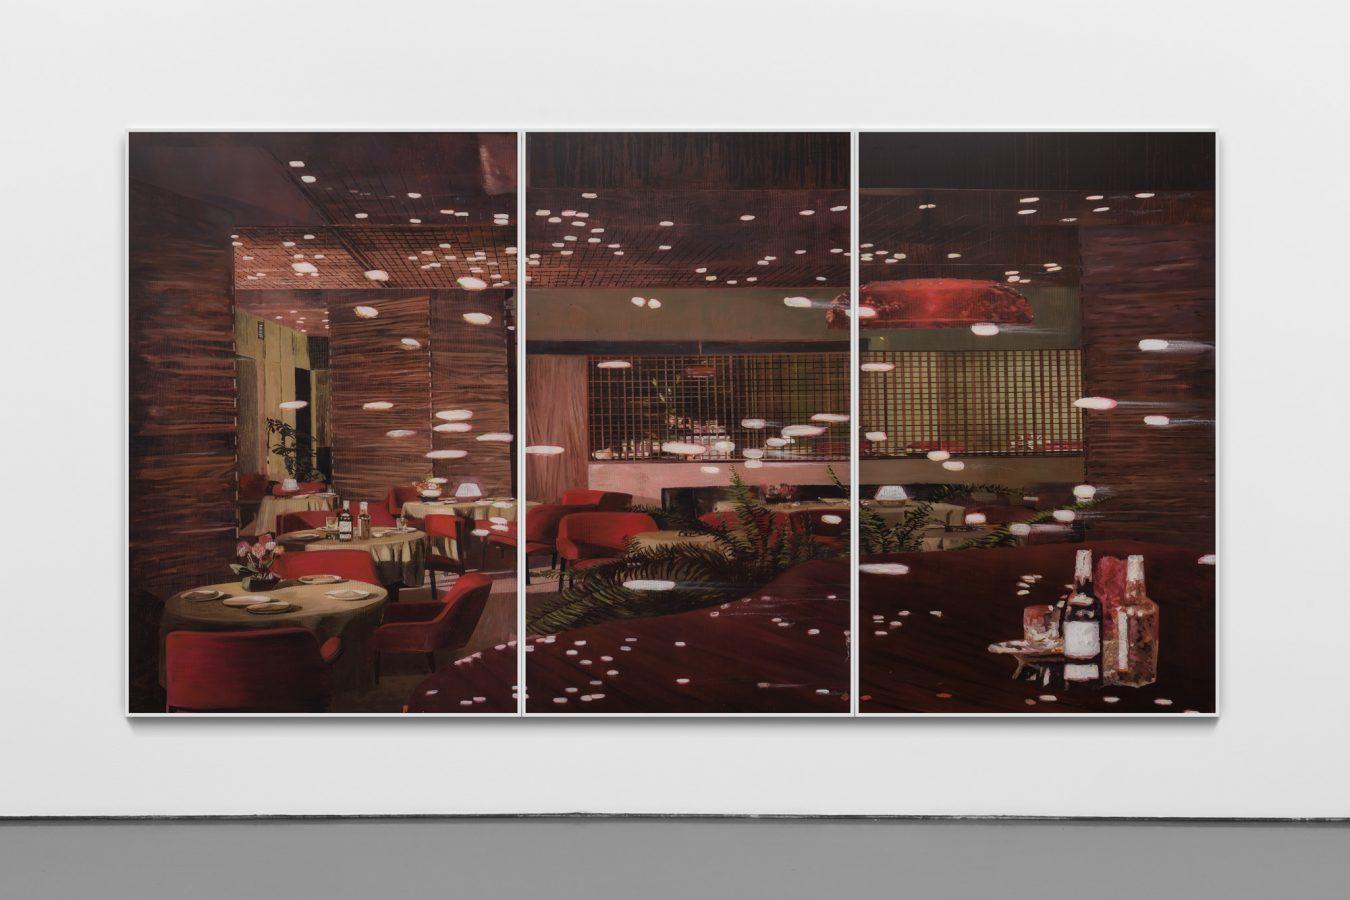 Galeria Pedro Cera – Gil Heitor Cortesão -